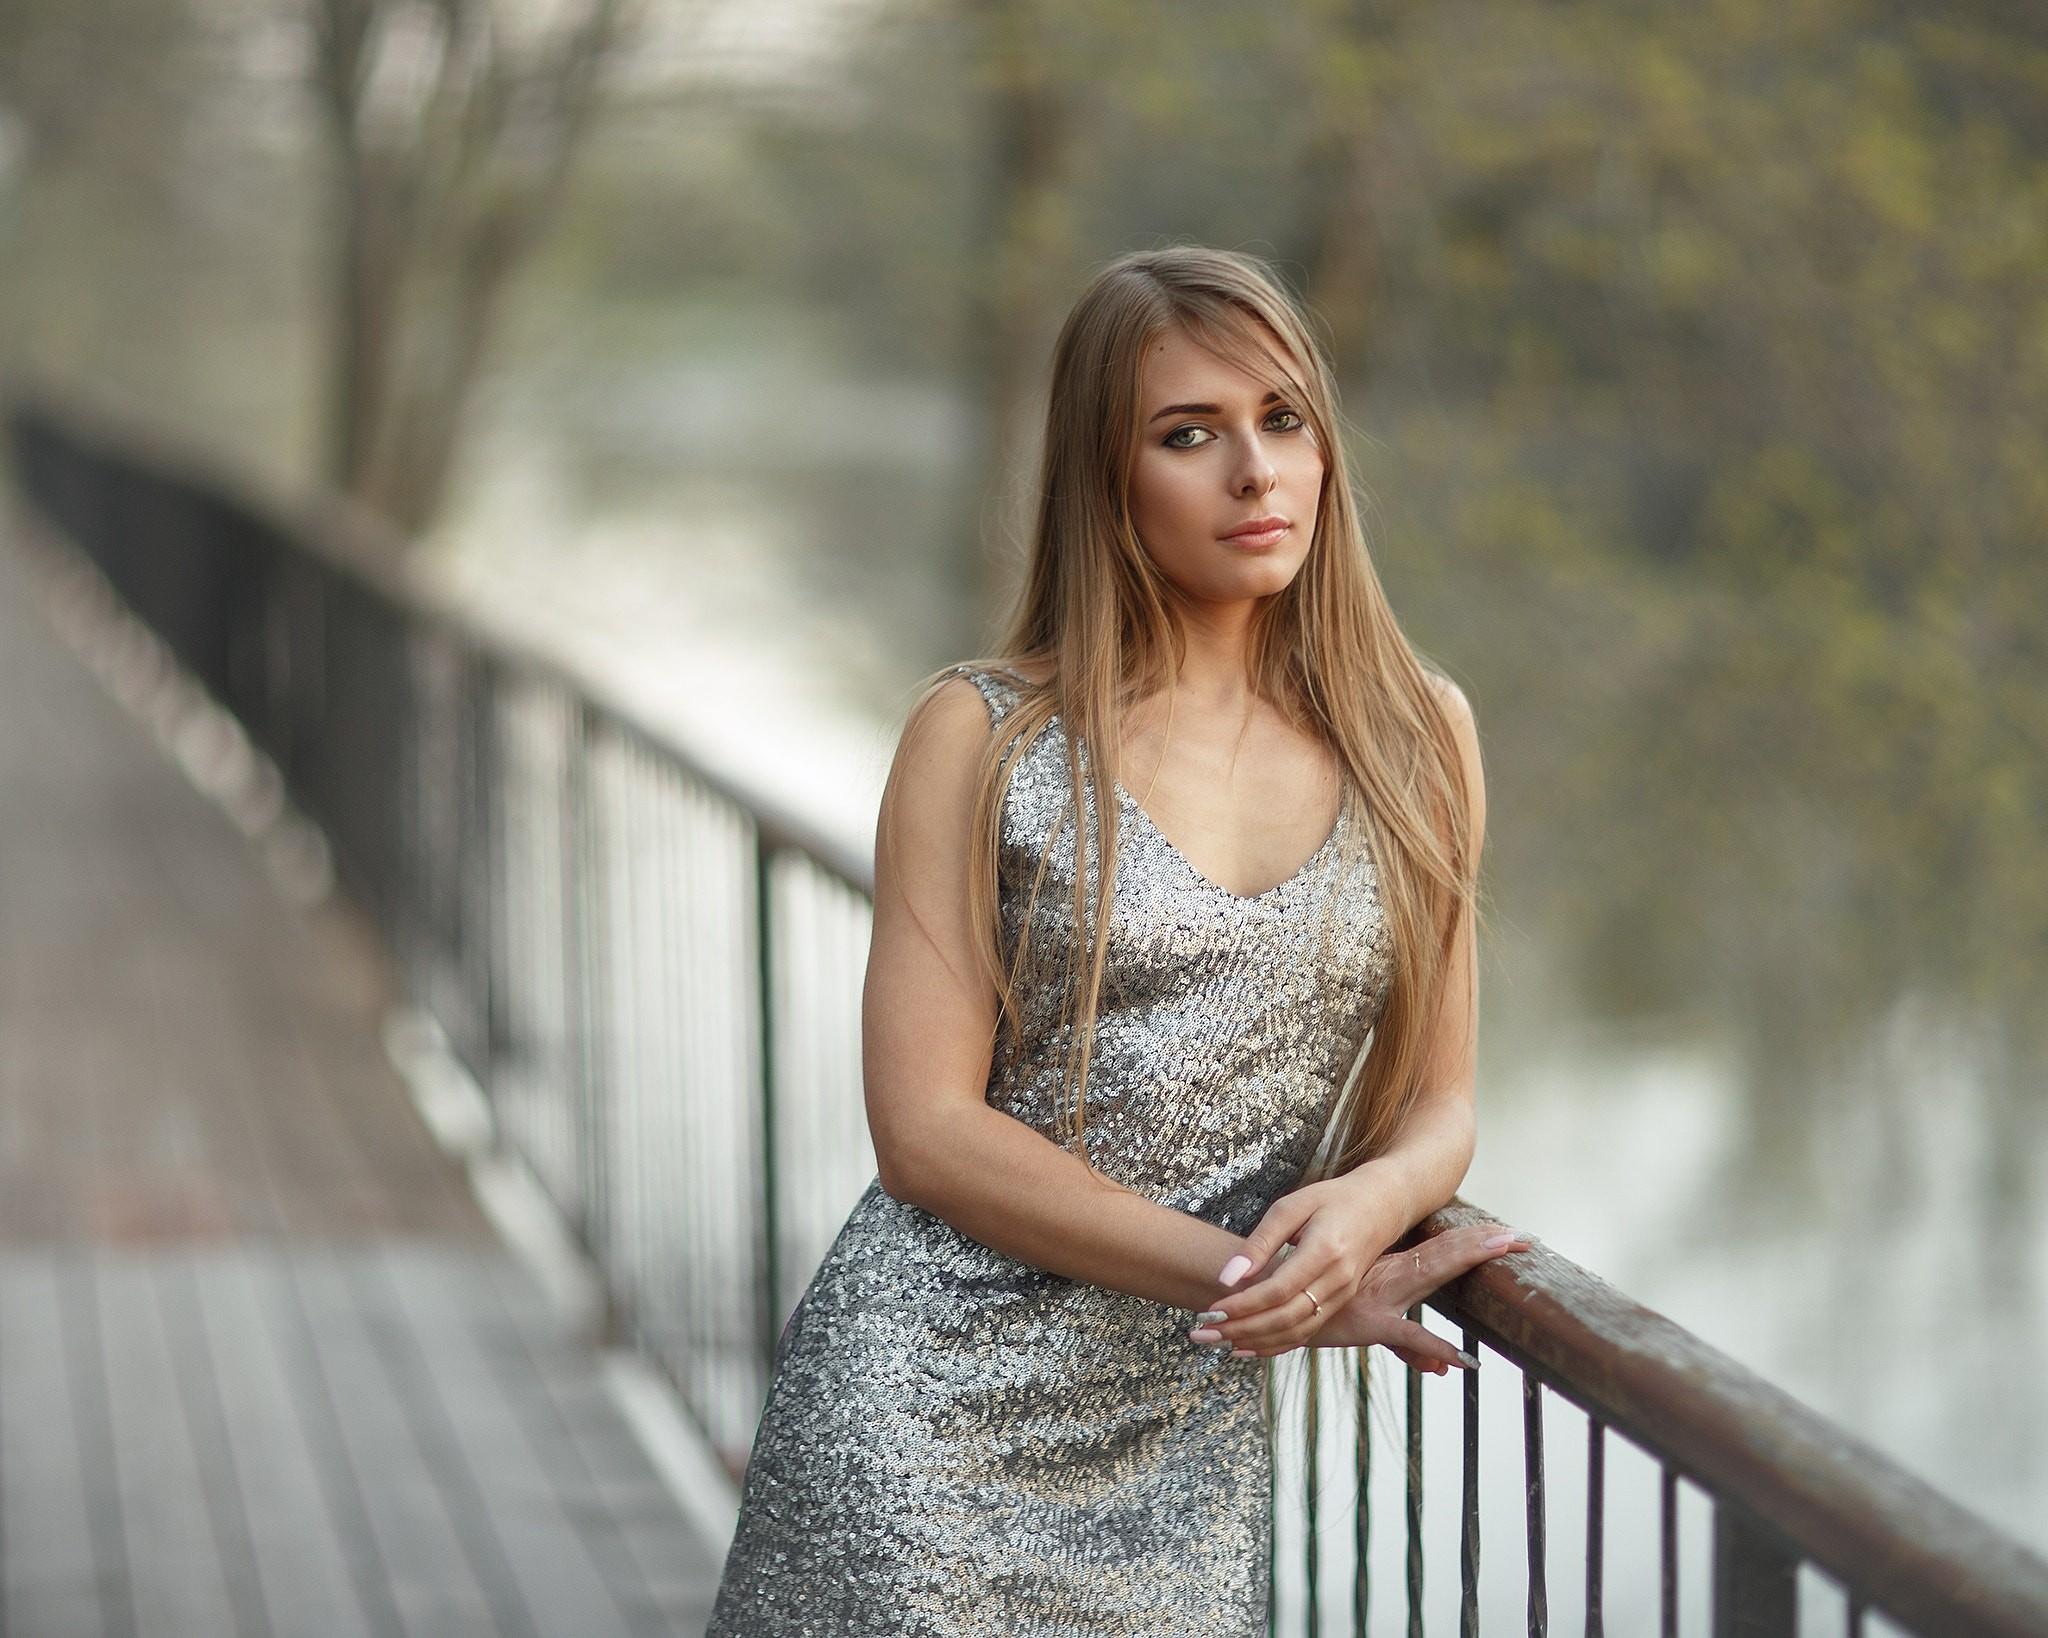 People 2048x1638 women blonde depth of field women outdoors dress portrait straight hair long hair